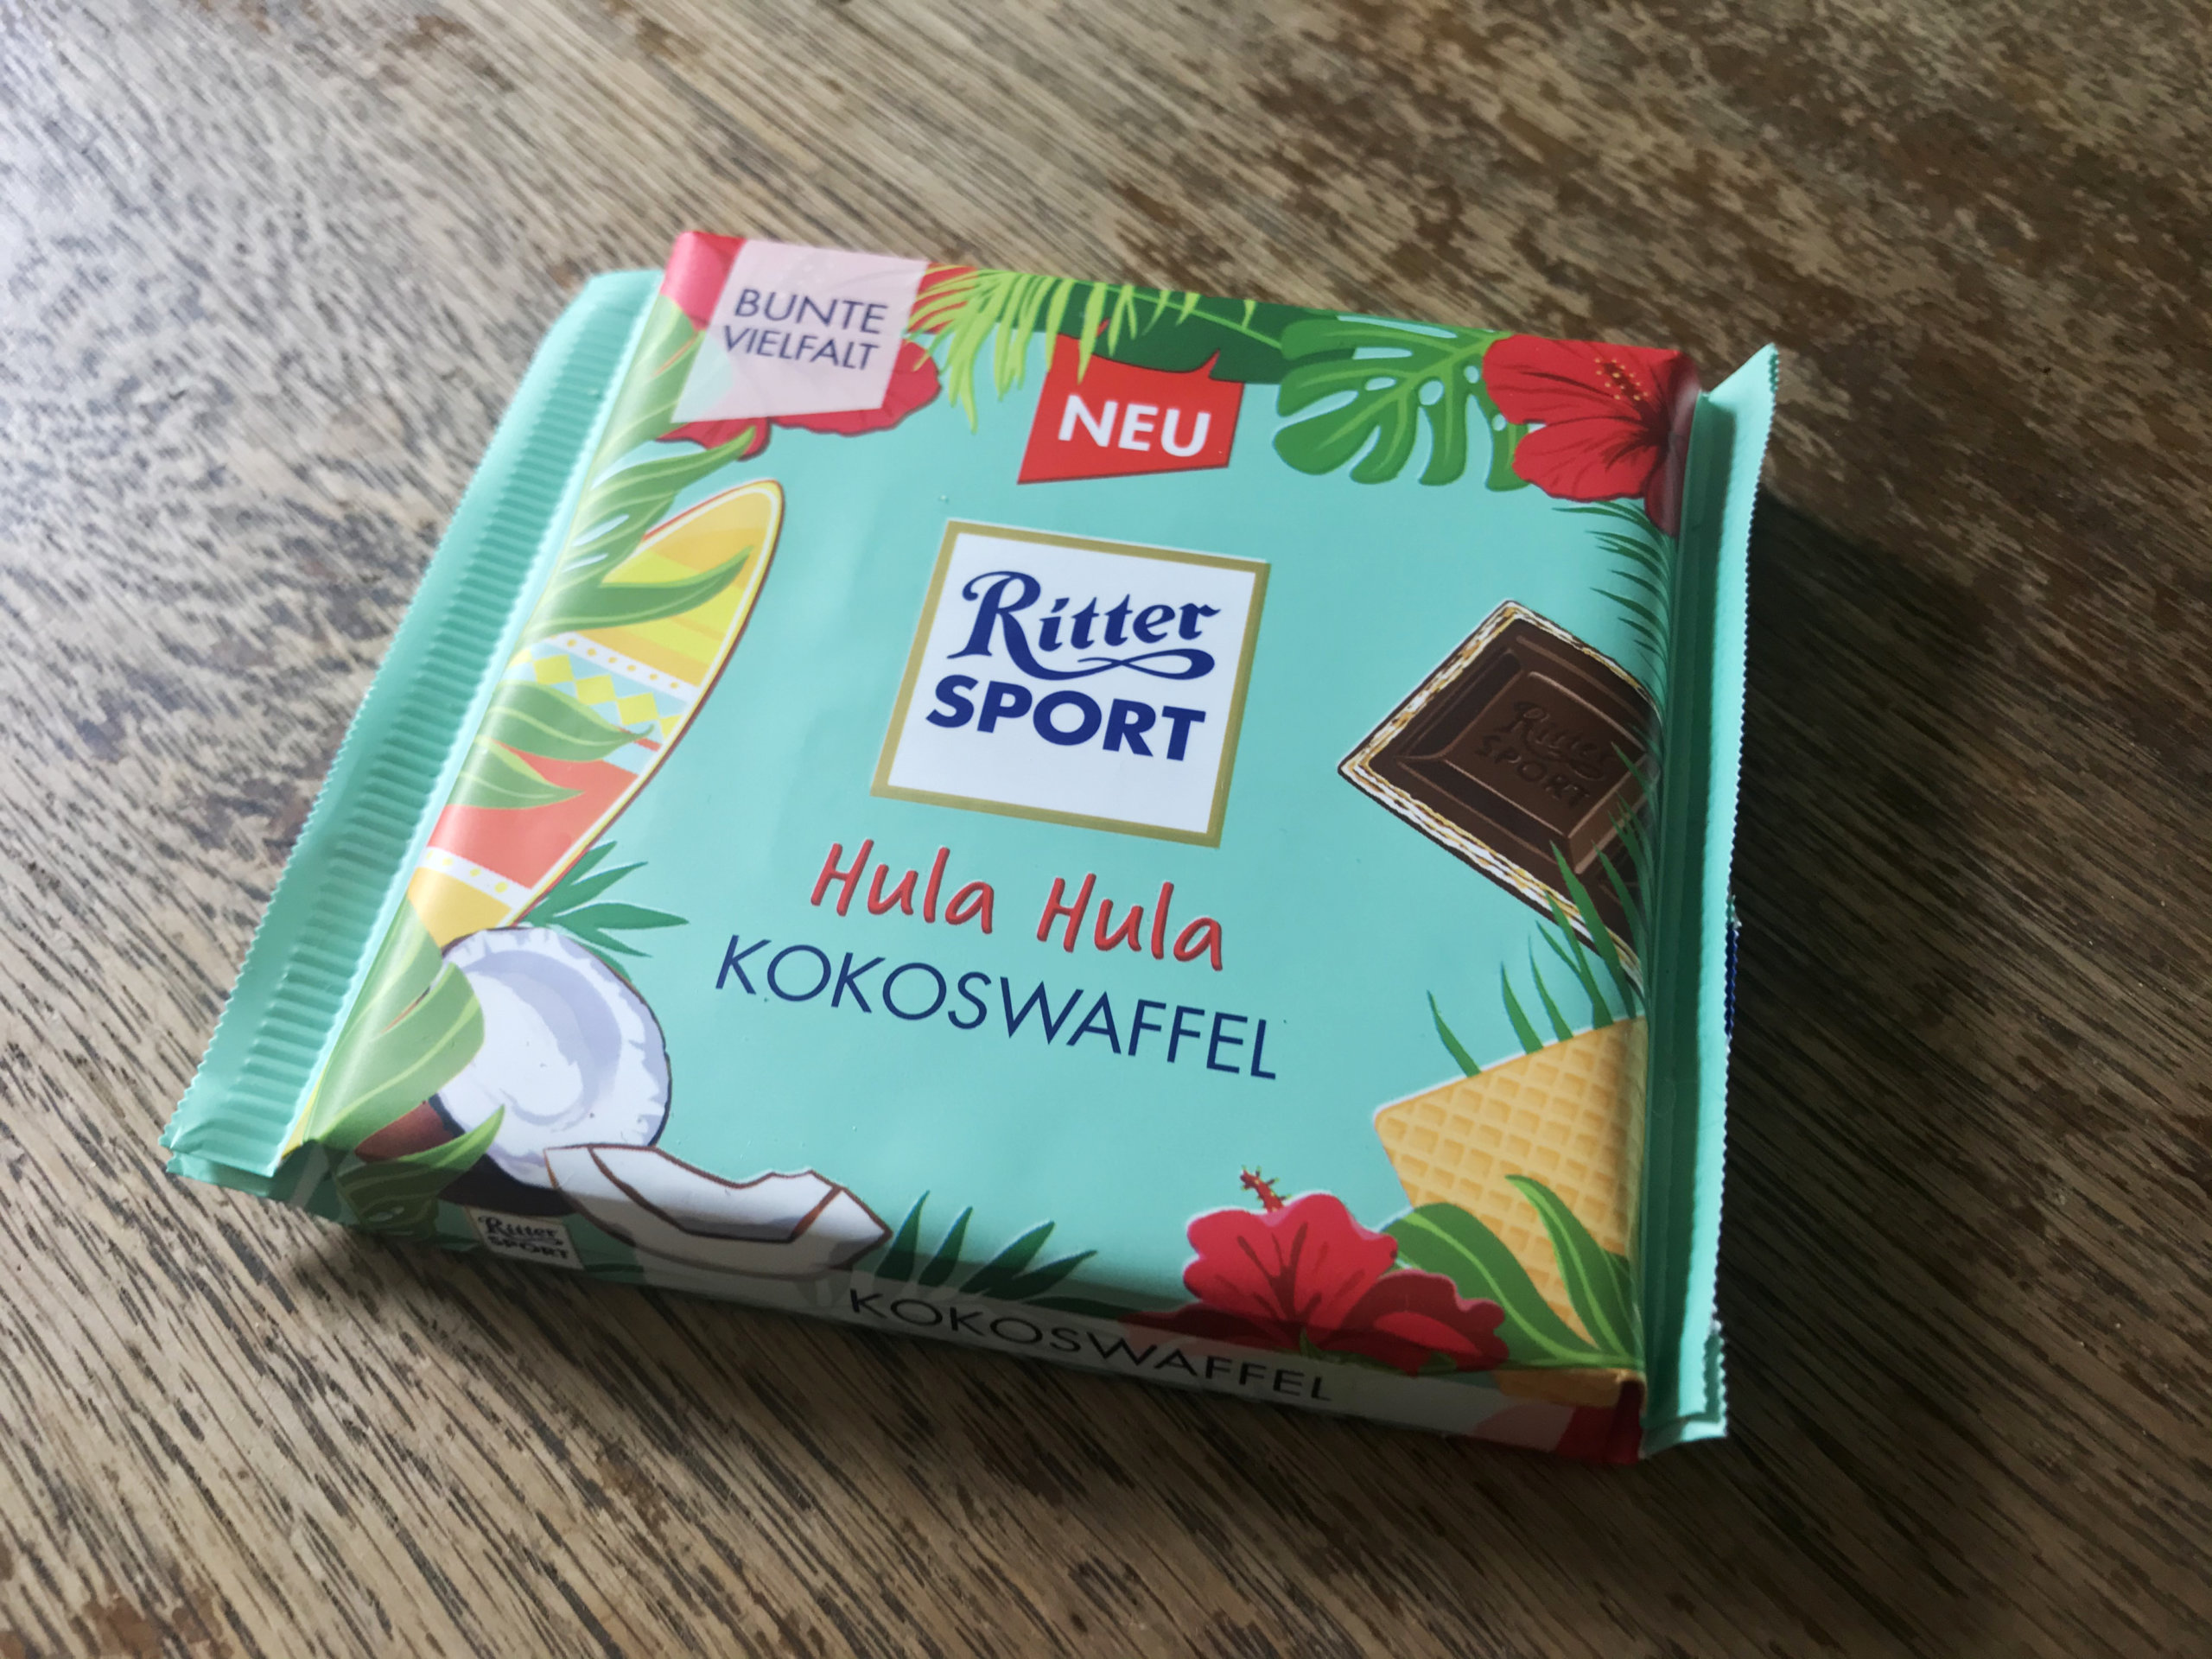 Ritter Sport Hula Hula